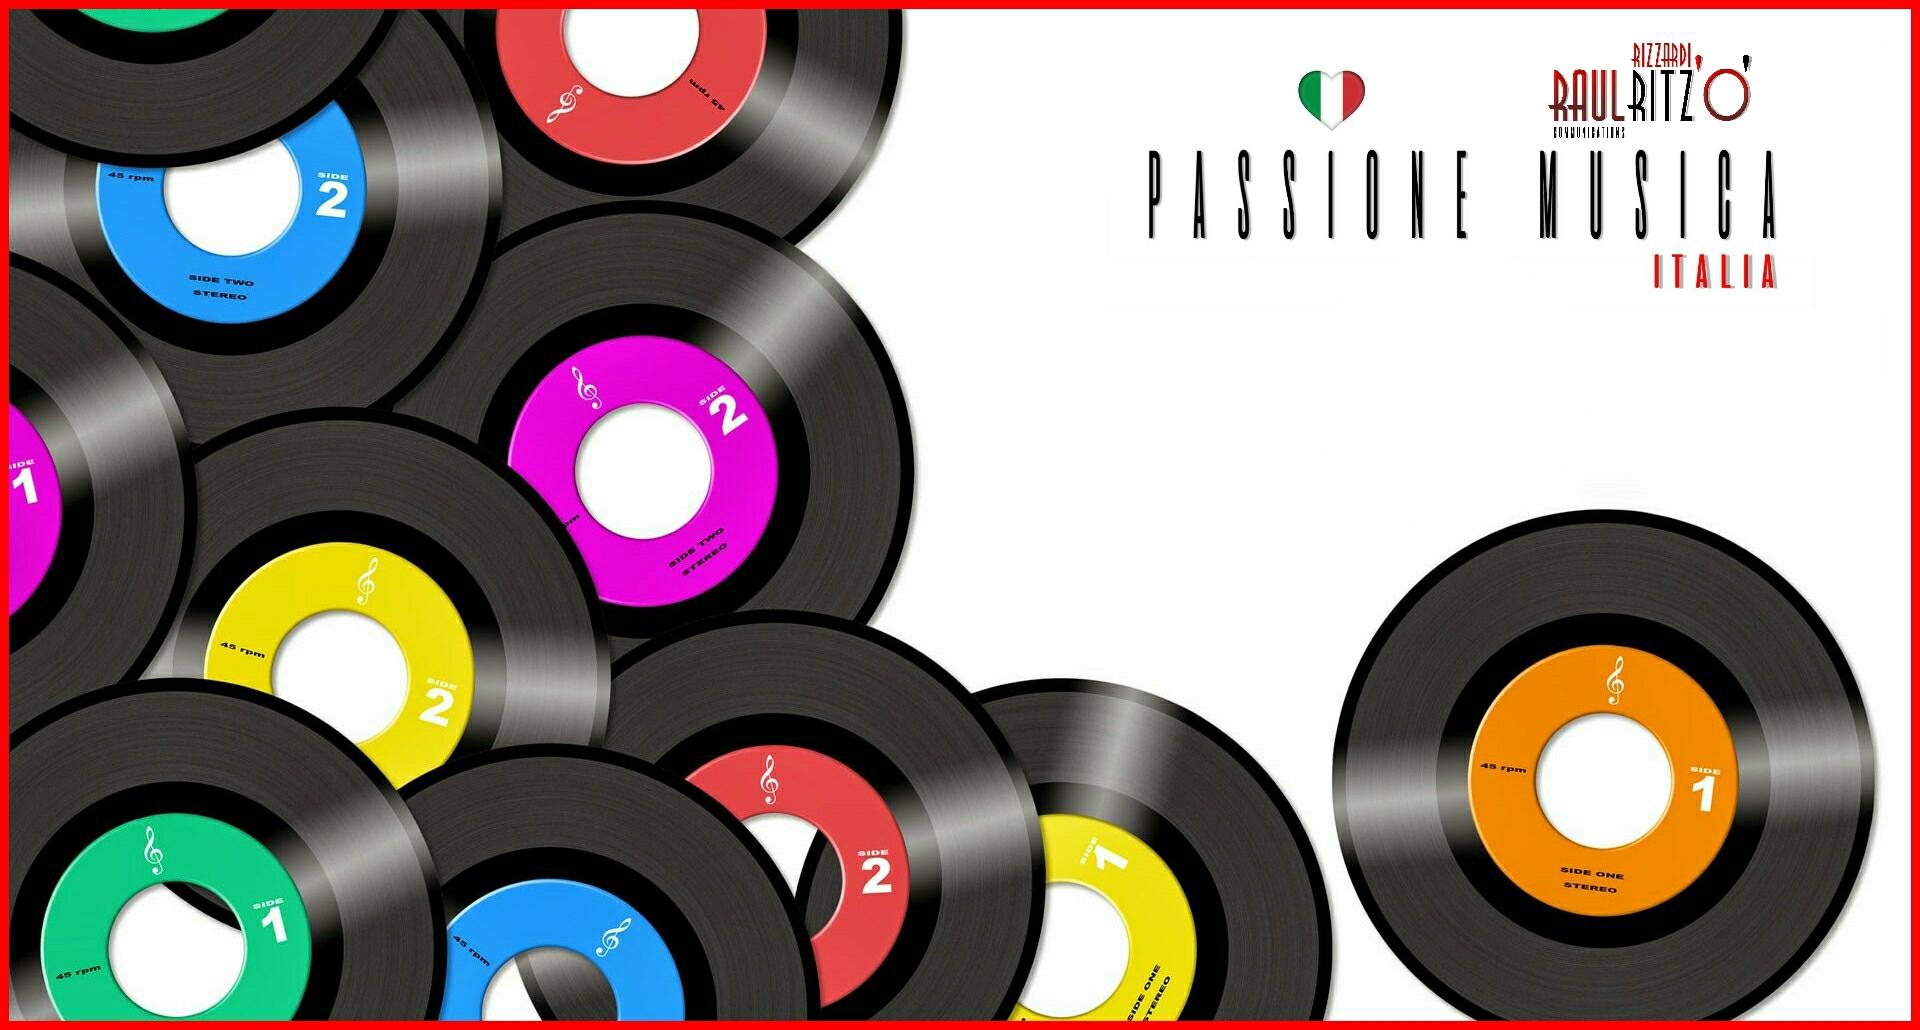 PASSIONE MUSICA ITALIA